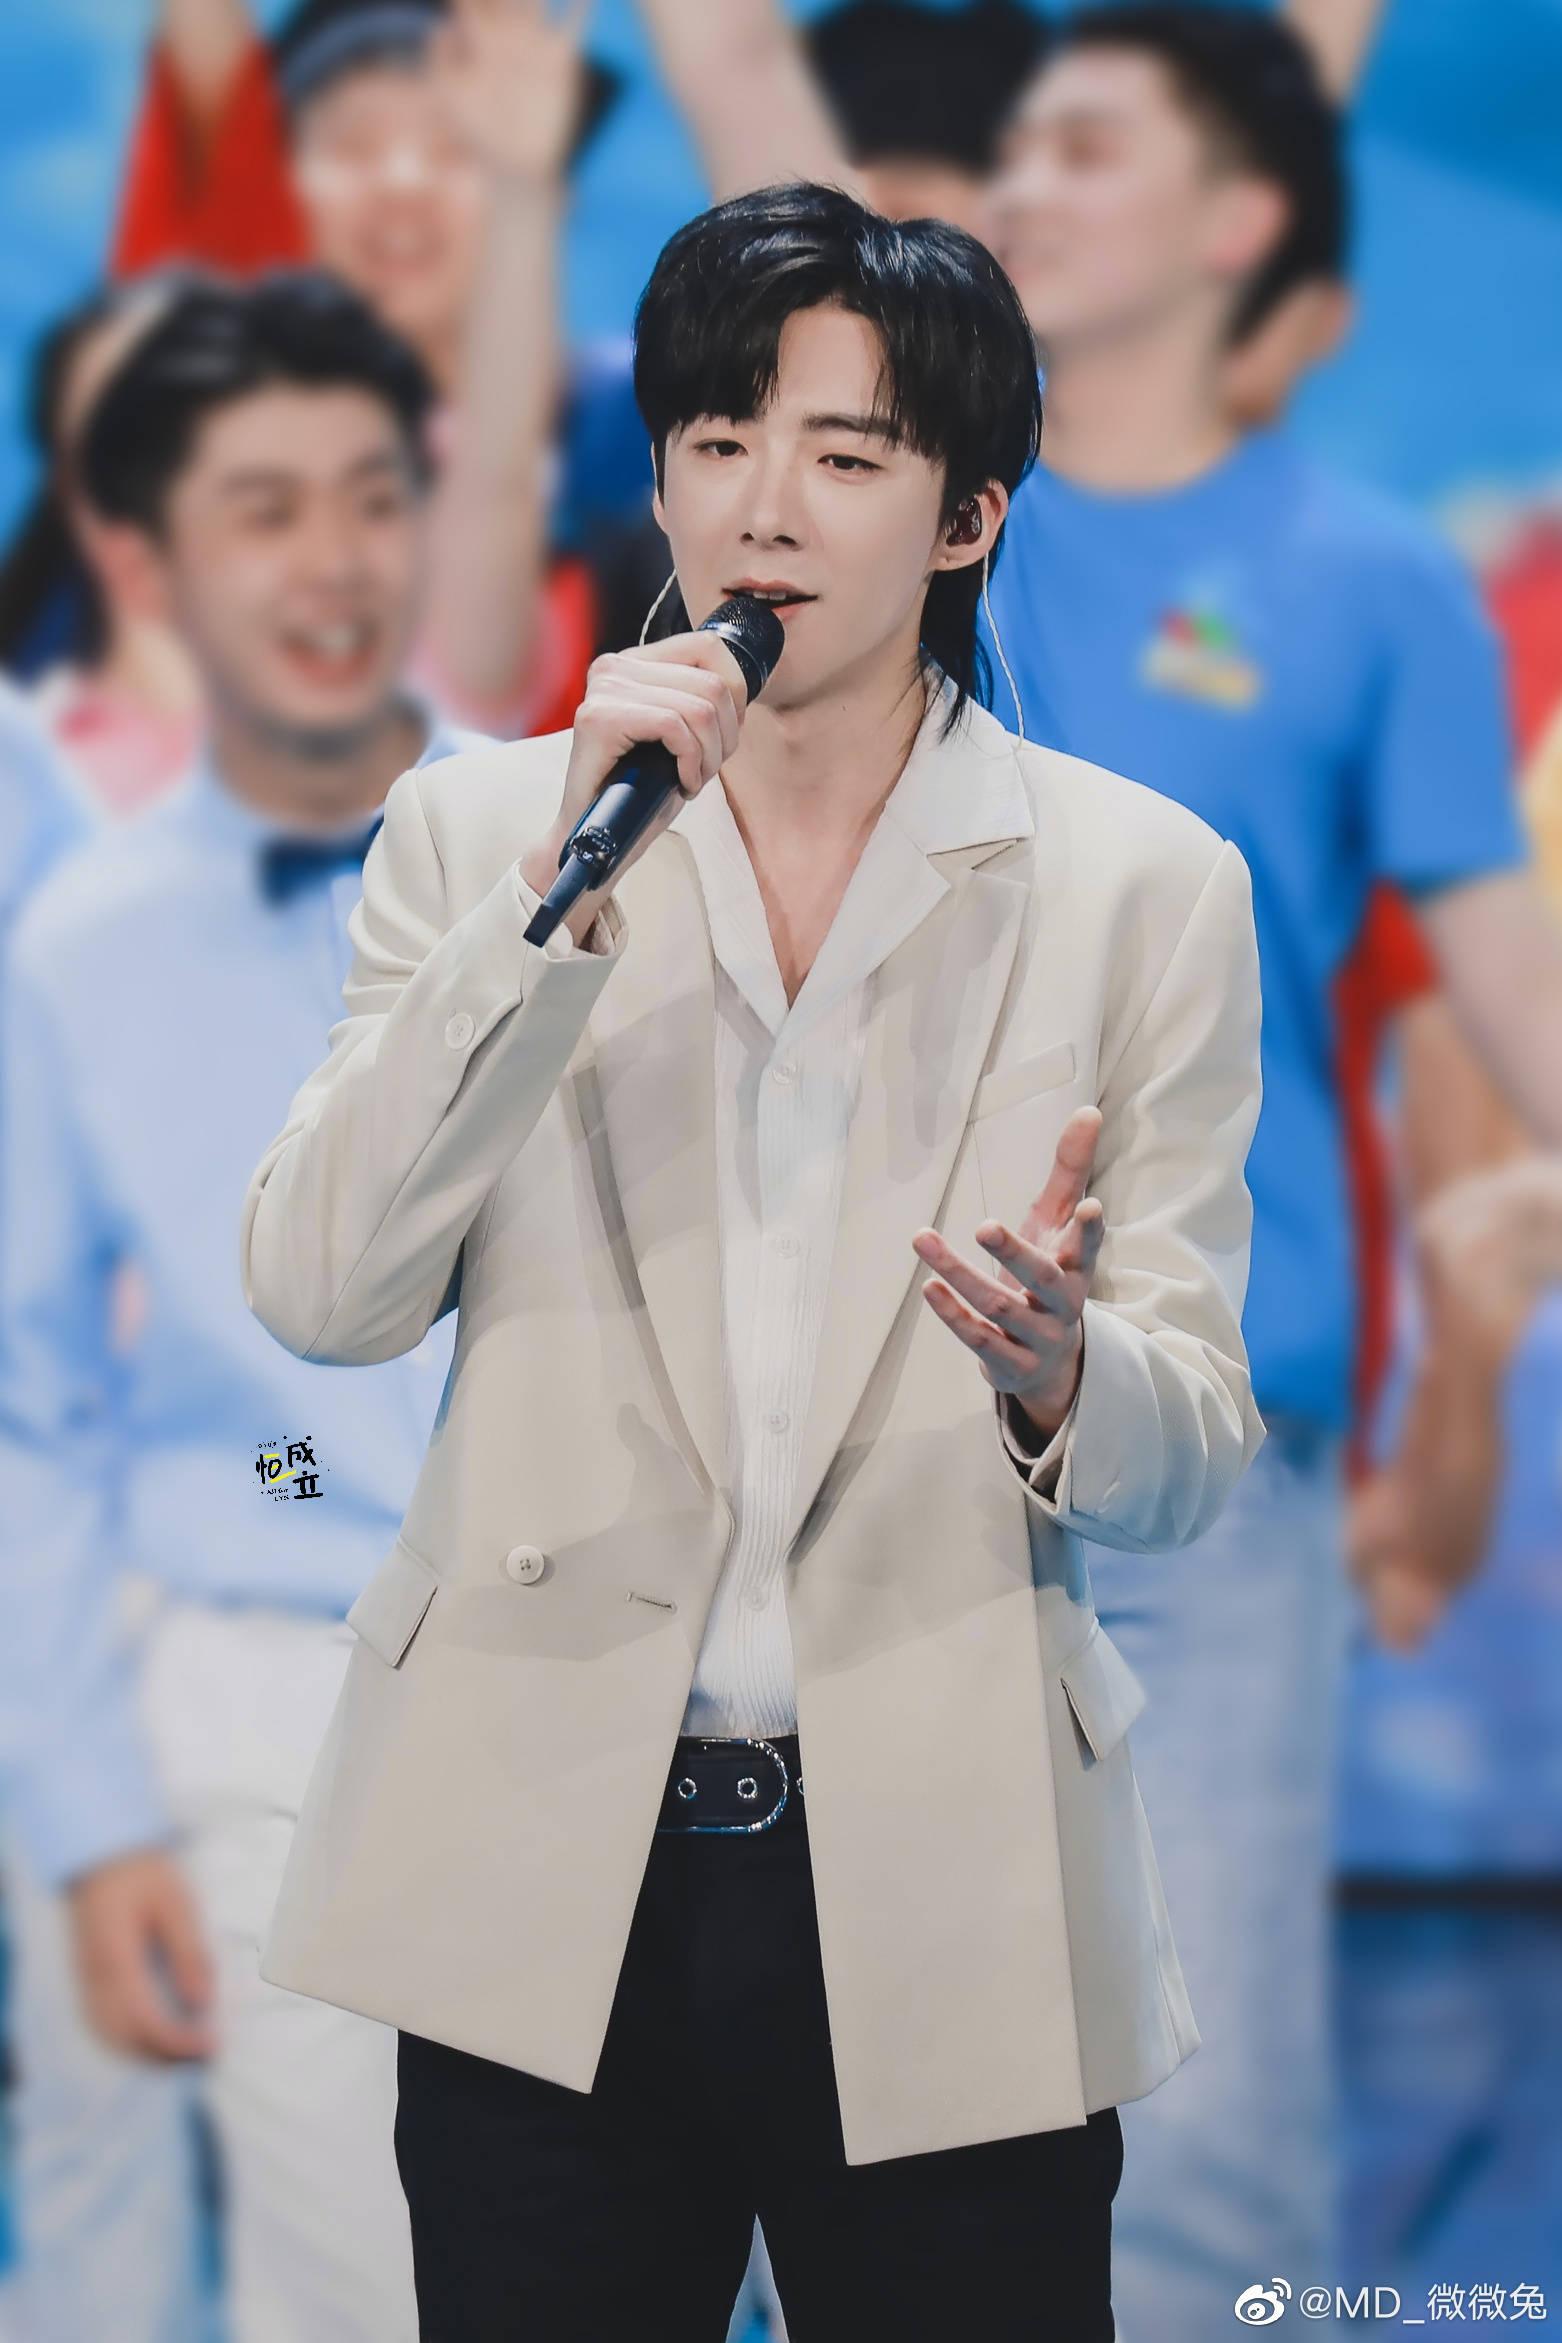 Một ngôi sao khác của Trường Ca Hành cũng tham gia biểu diễn là Lưu Vũ Ninh. Anh chàng là tiktoker nổi tiếng với chất giọng truyền cảm và mới lấn sân sang diễn xuất.